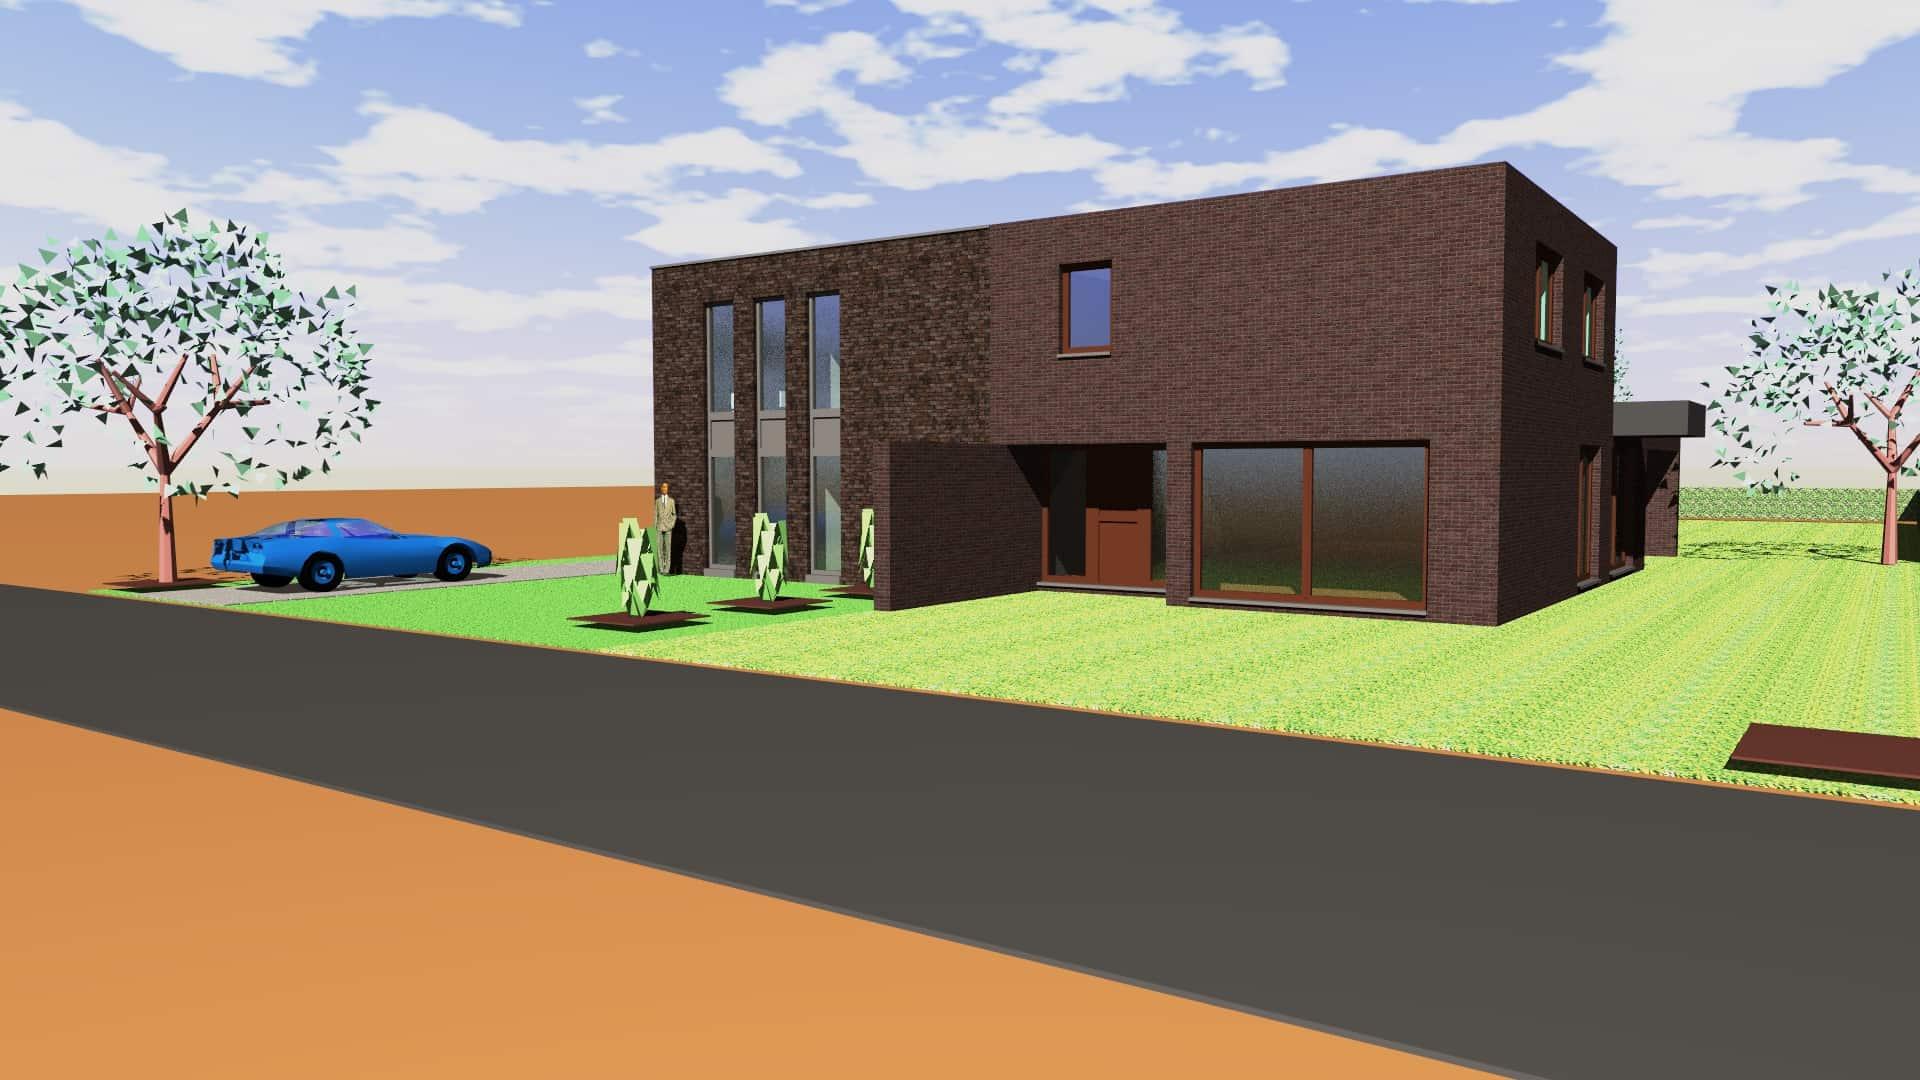 Detail afbeelding 1 van Twee-woonst   –   Half open  –  Genk  (NR) | Ontwerp door architect Patrick Strackx